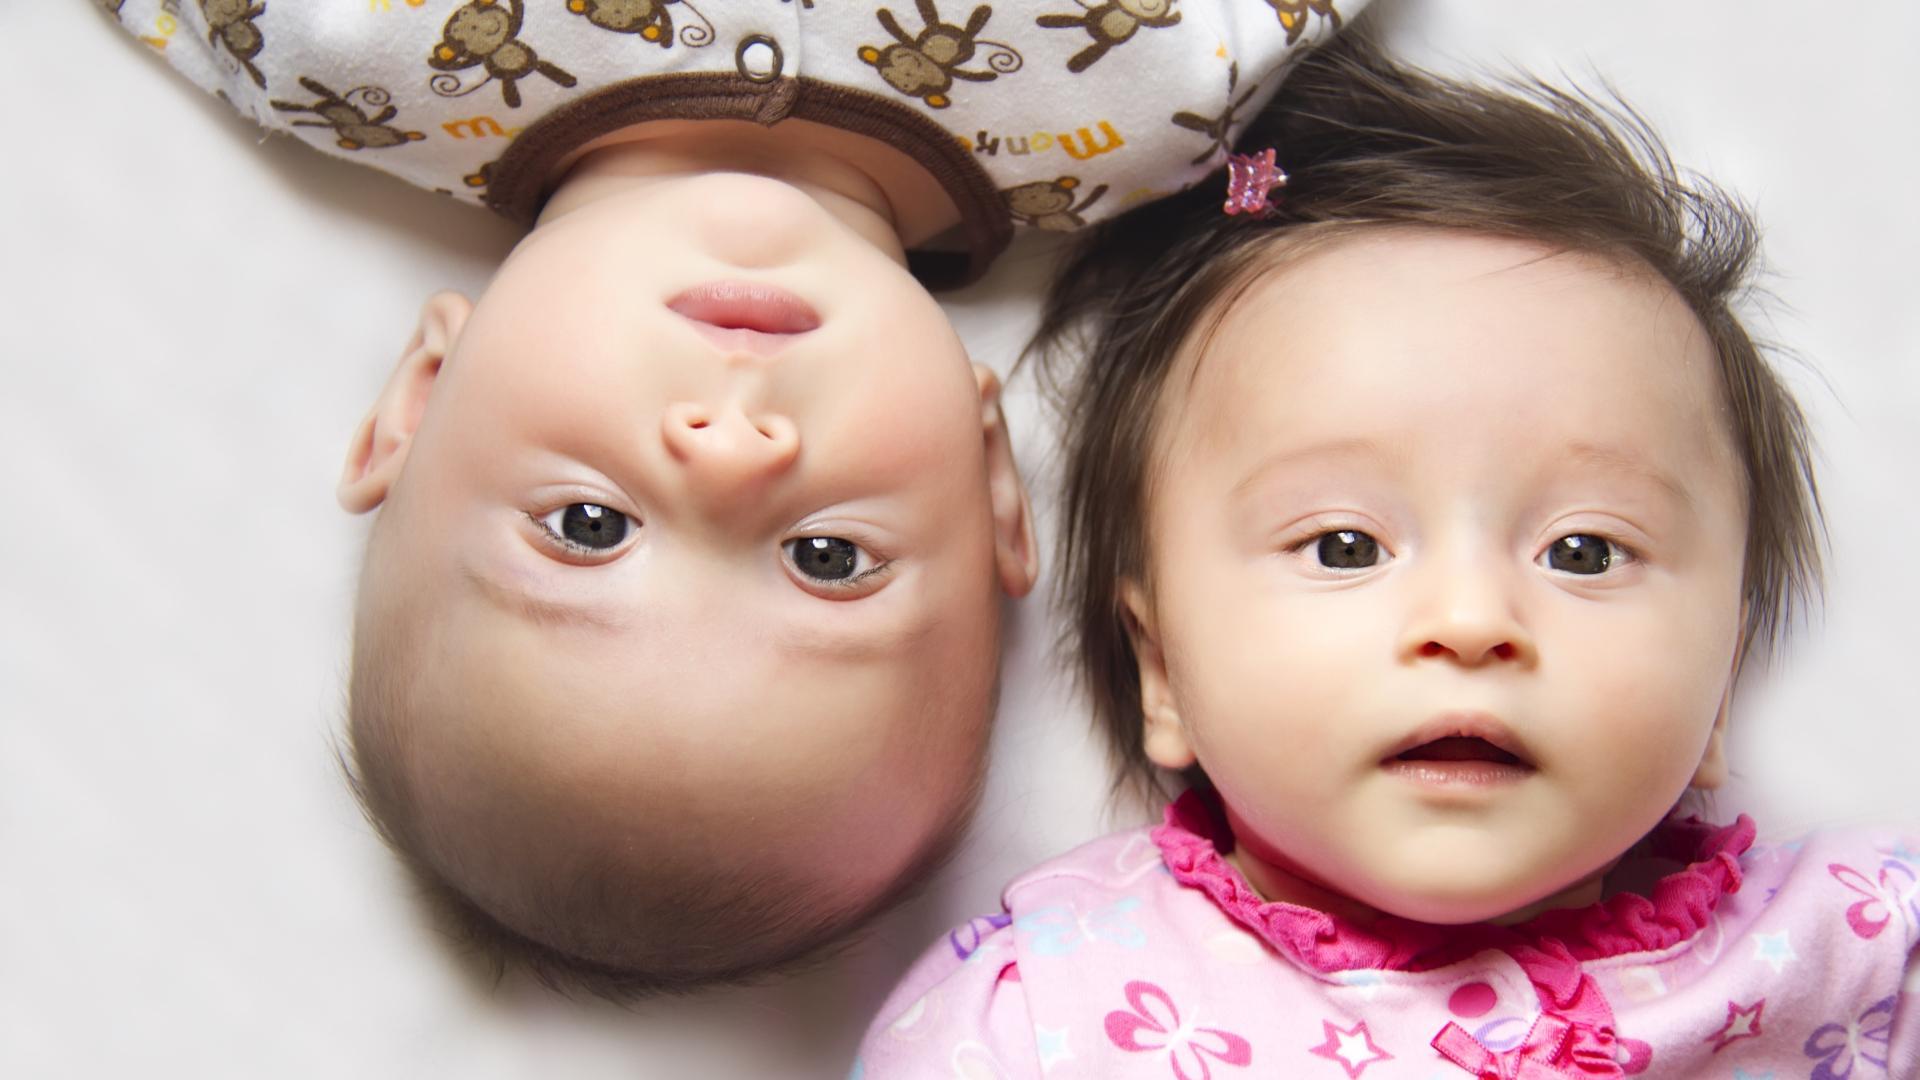 Вес при рождении определяет разницу в успешности близнецов в учебе